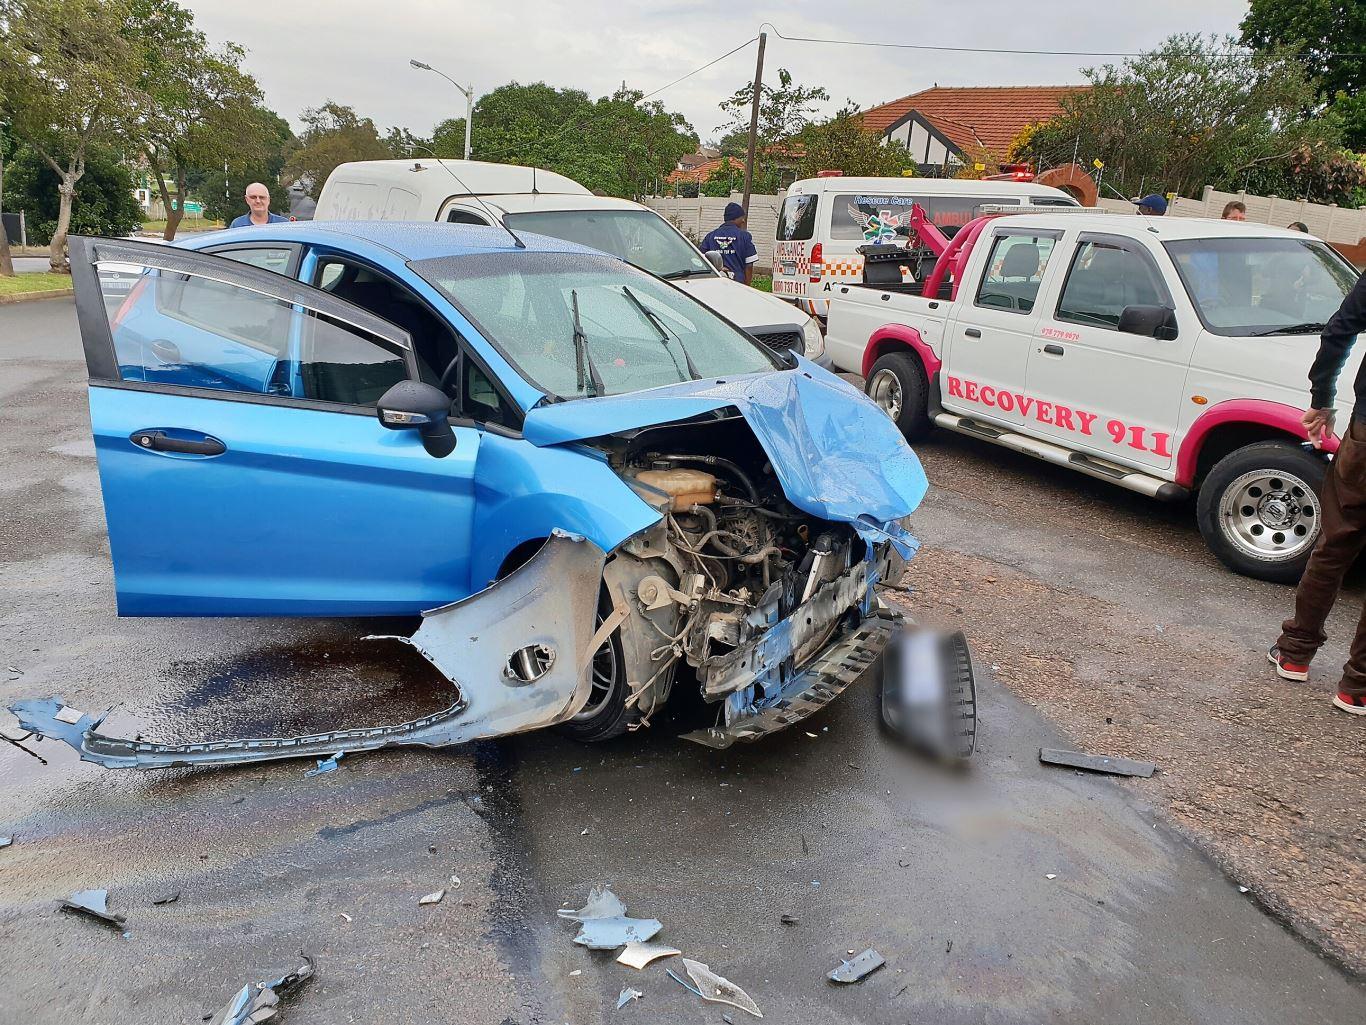 3 Injured in crash in Glenwood